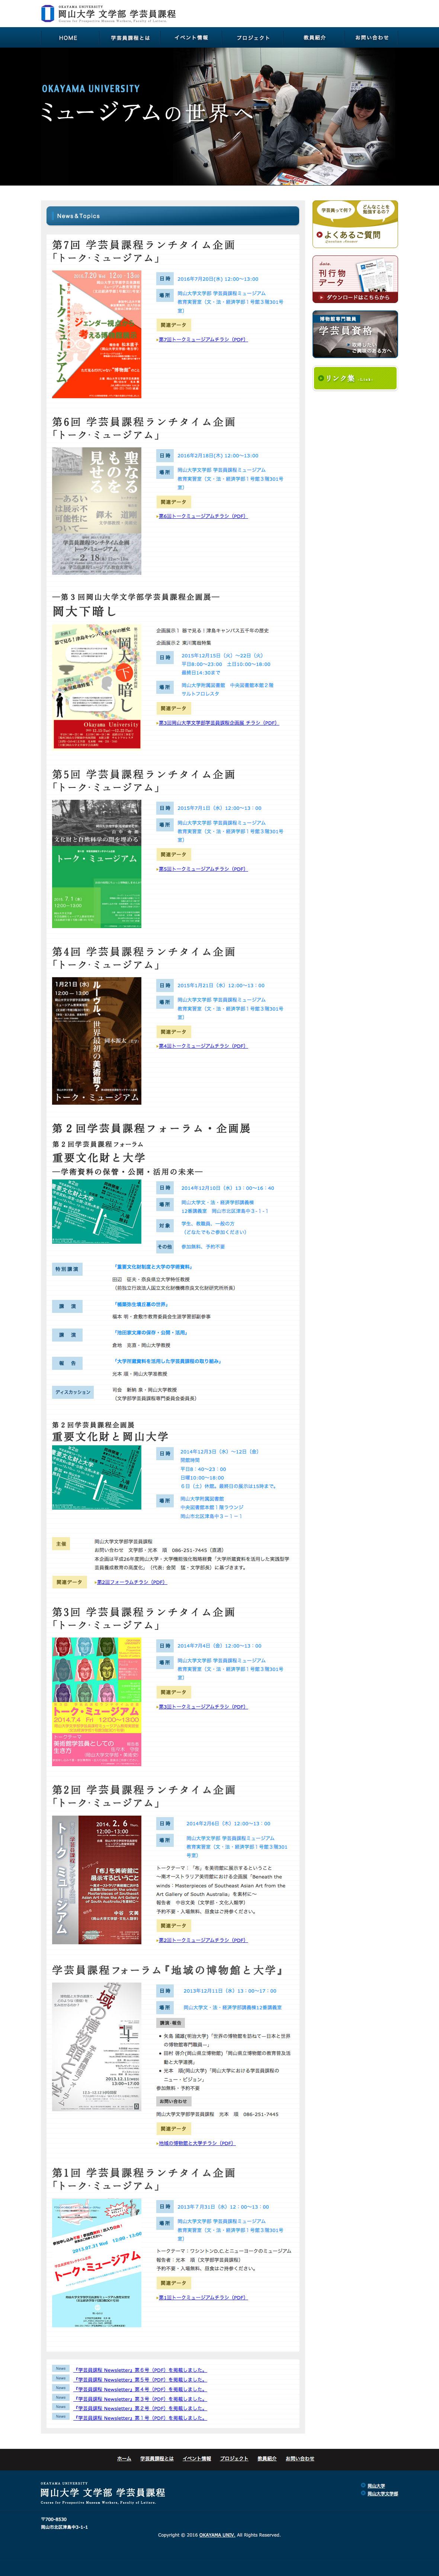 岡山大学文学部学芸員課程02